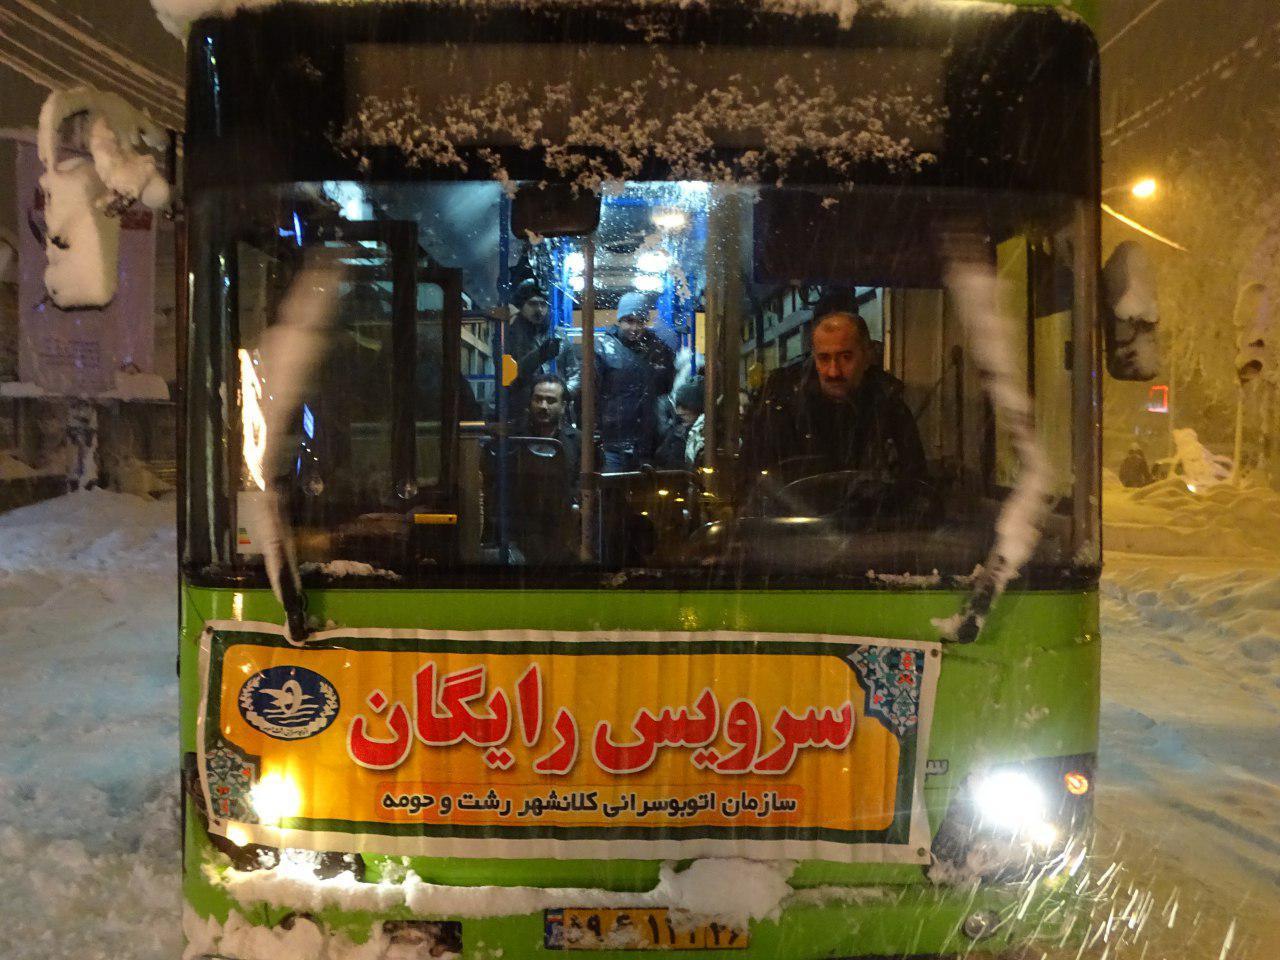 تردد اتوبوس های سازمان حمل و نقل بار و مسافر شهرداری رشت در بحران برف و جابجایی رایگان شهروندان